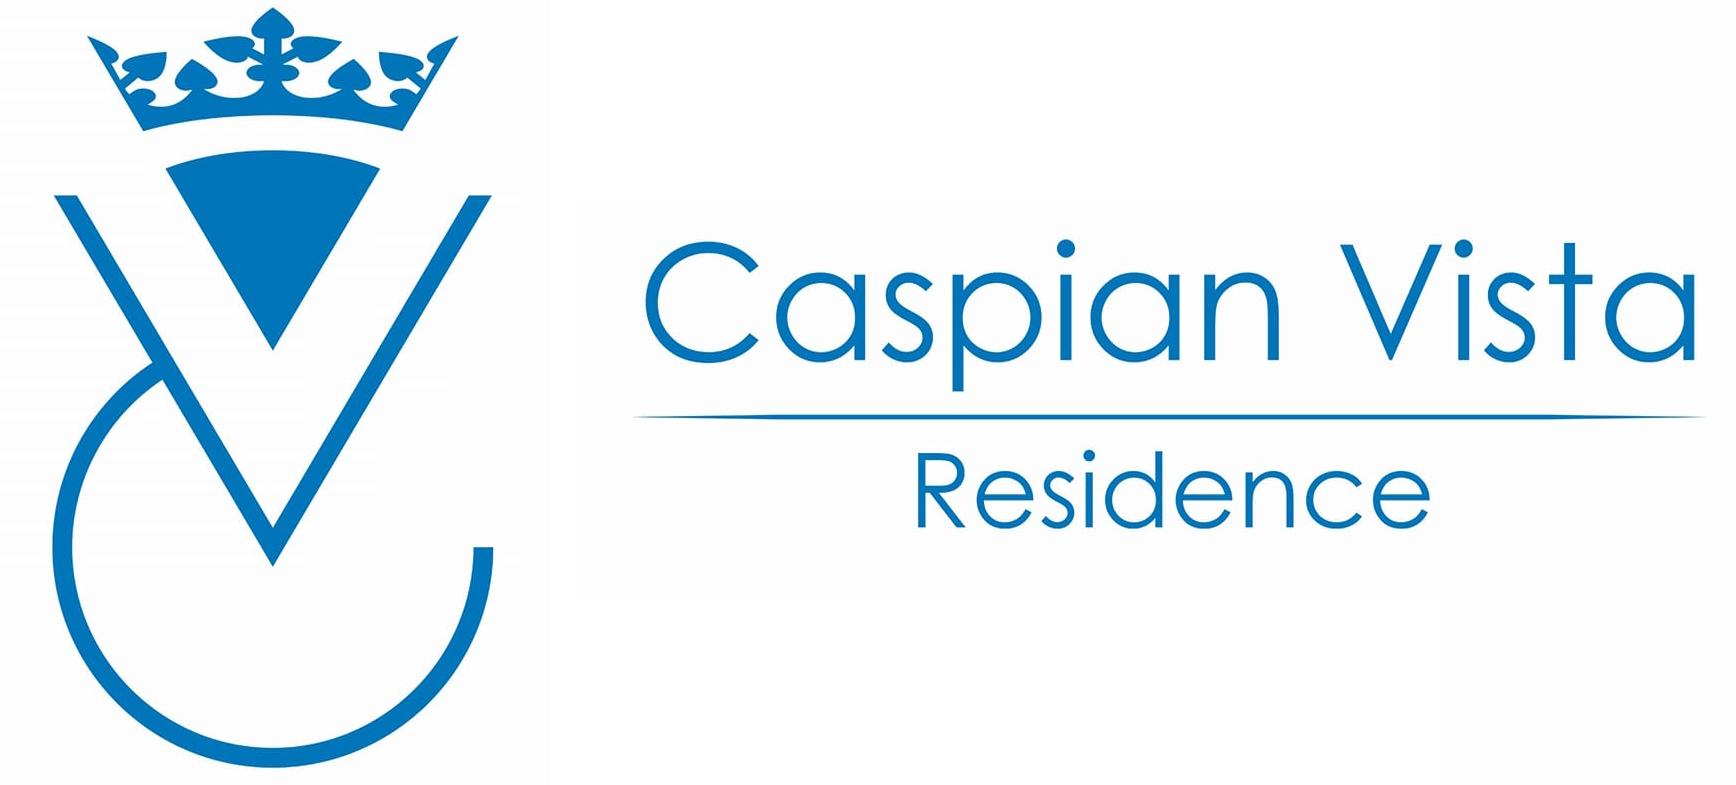 Caspian Vista Residence